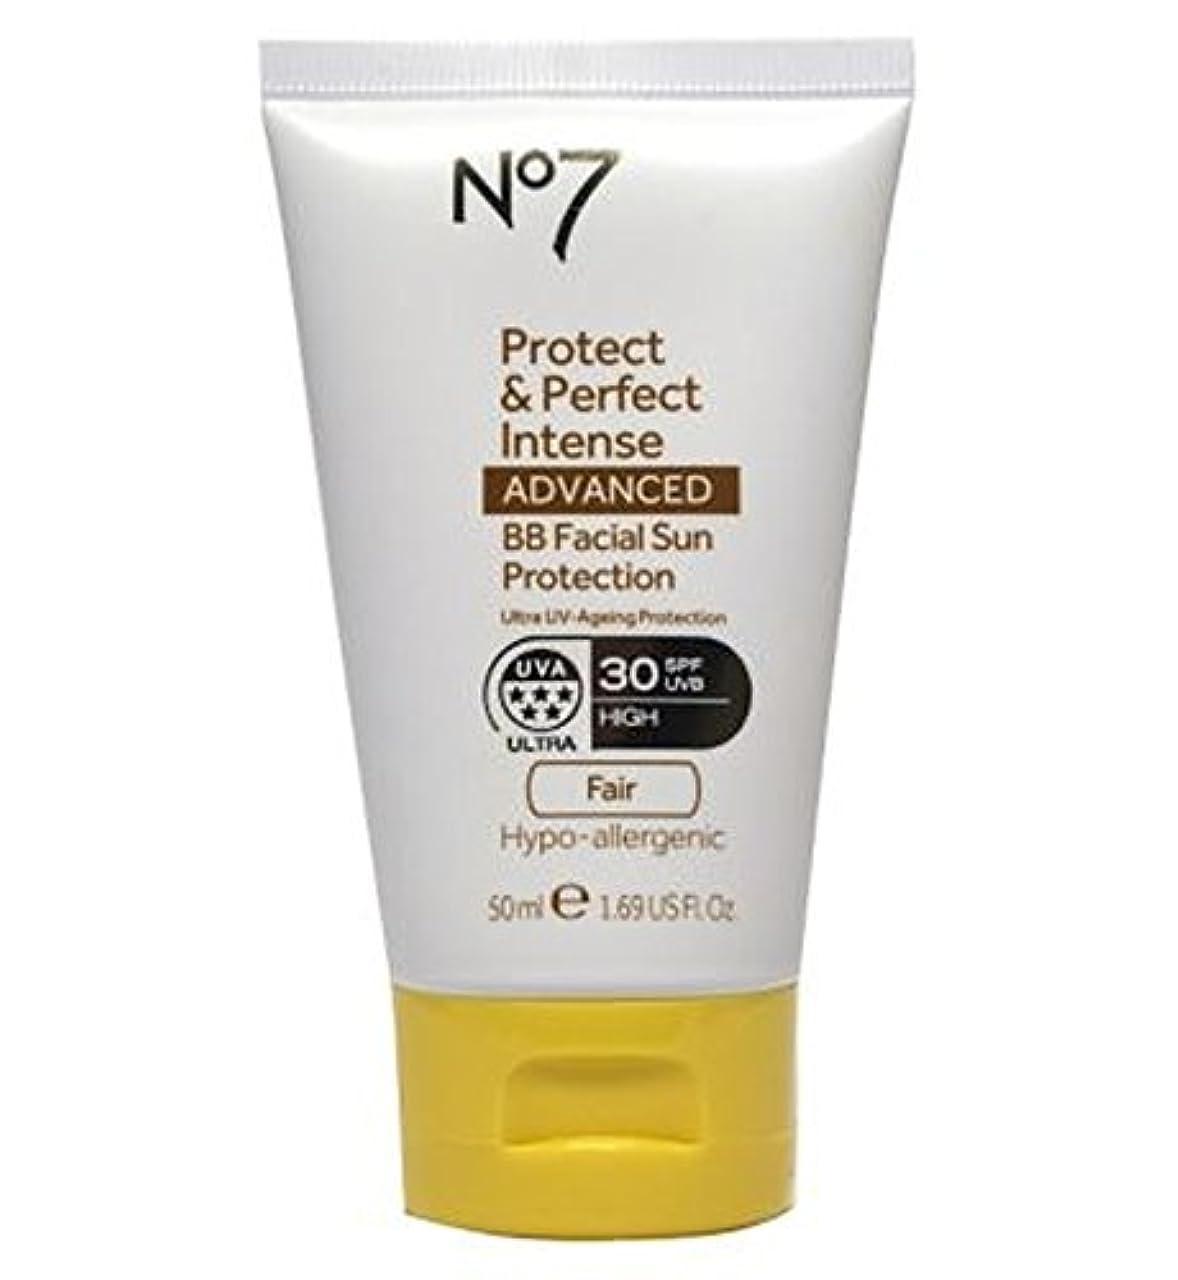 恥ティッシュ論理的No7 Protect & Perfect Intense ADVANCED BB Facial Sun Protection SPF30 Light 50ml - No7保護&完璧な強烈な先進Bb顔の日焼け防止Spf30...